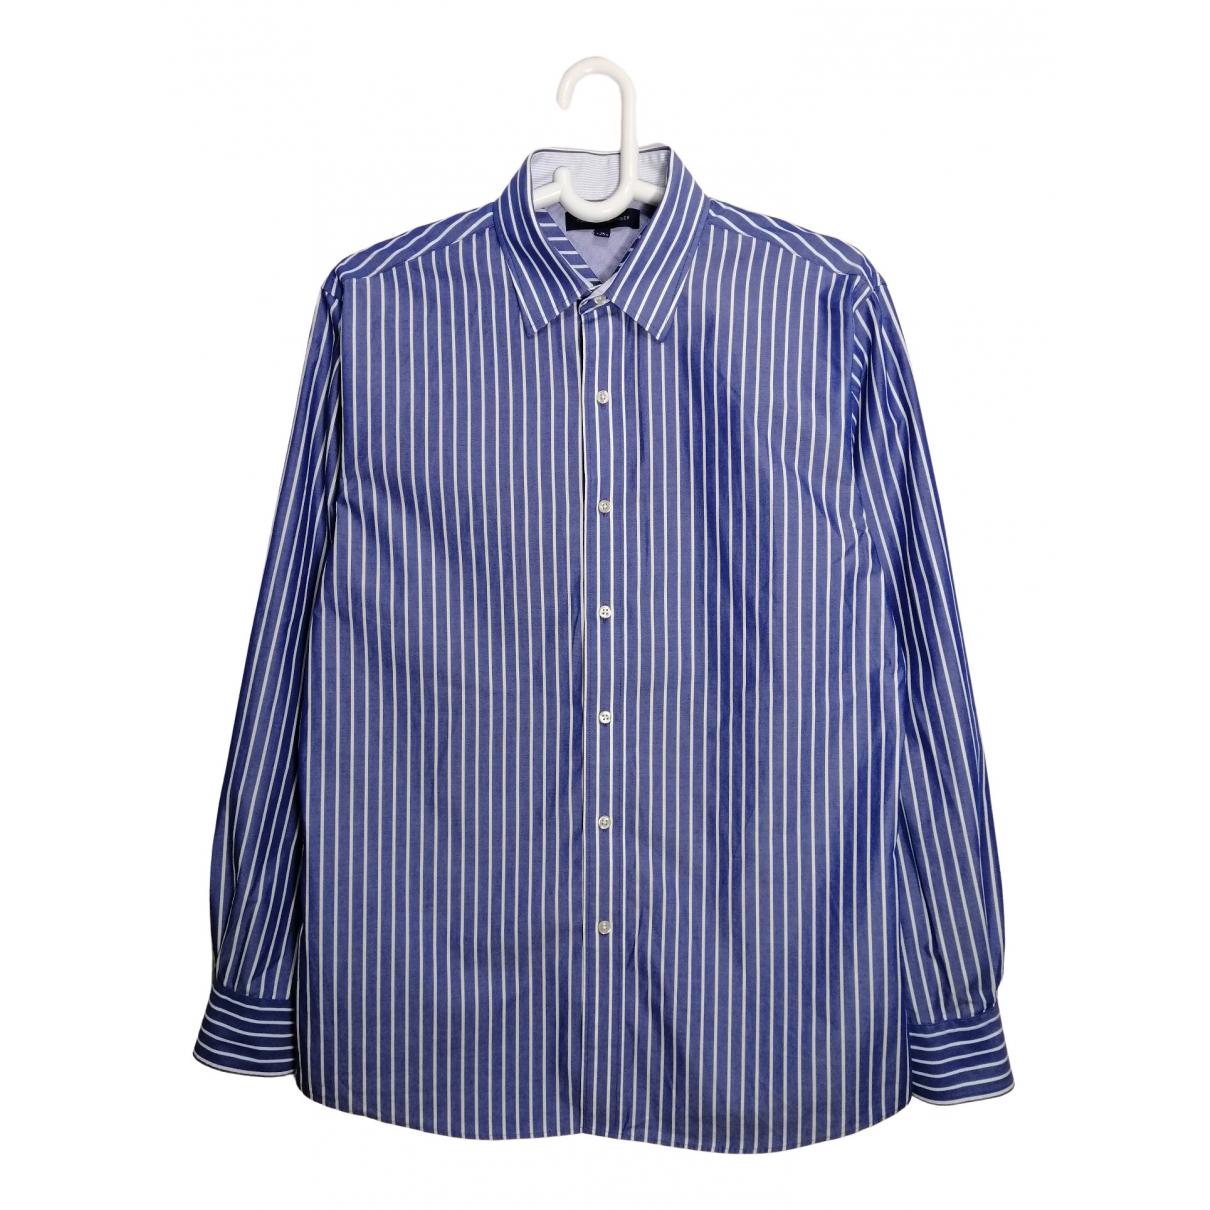 Tommy Hilfiger \N Blue Cotton Shirts for Men 16 UK - US (tour de cou / collar)